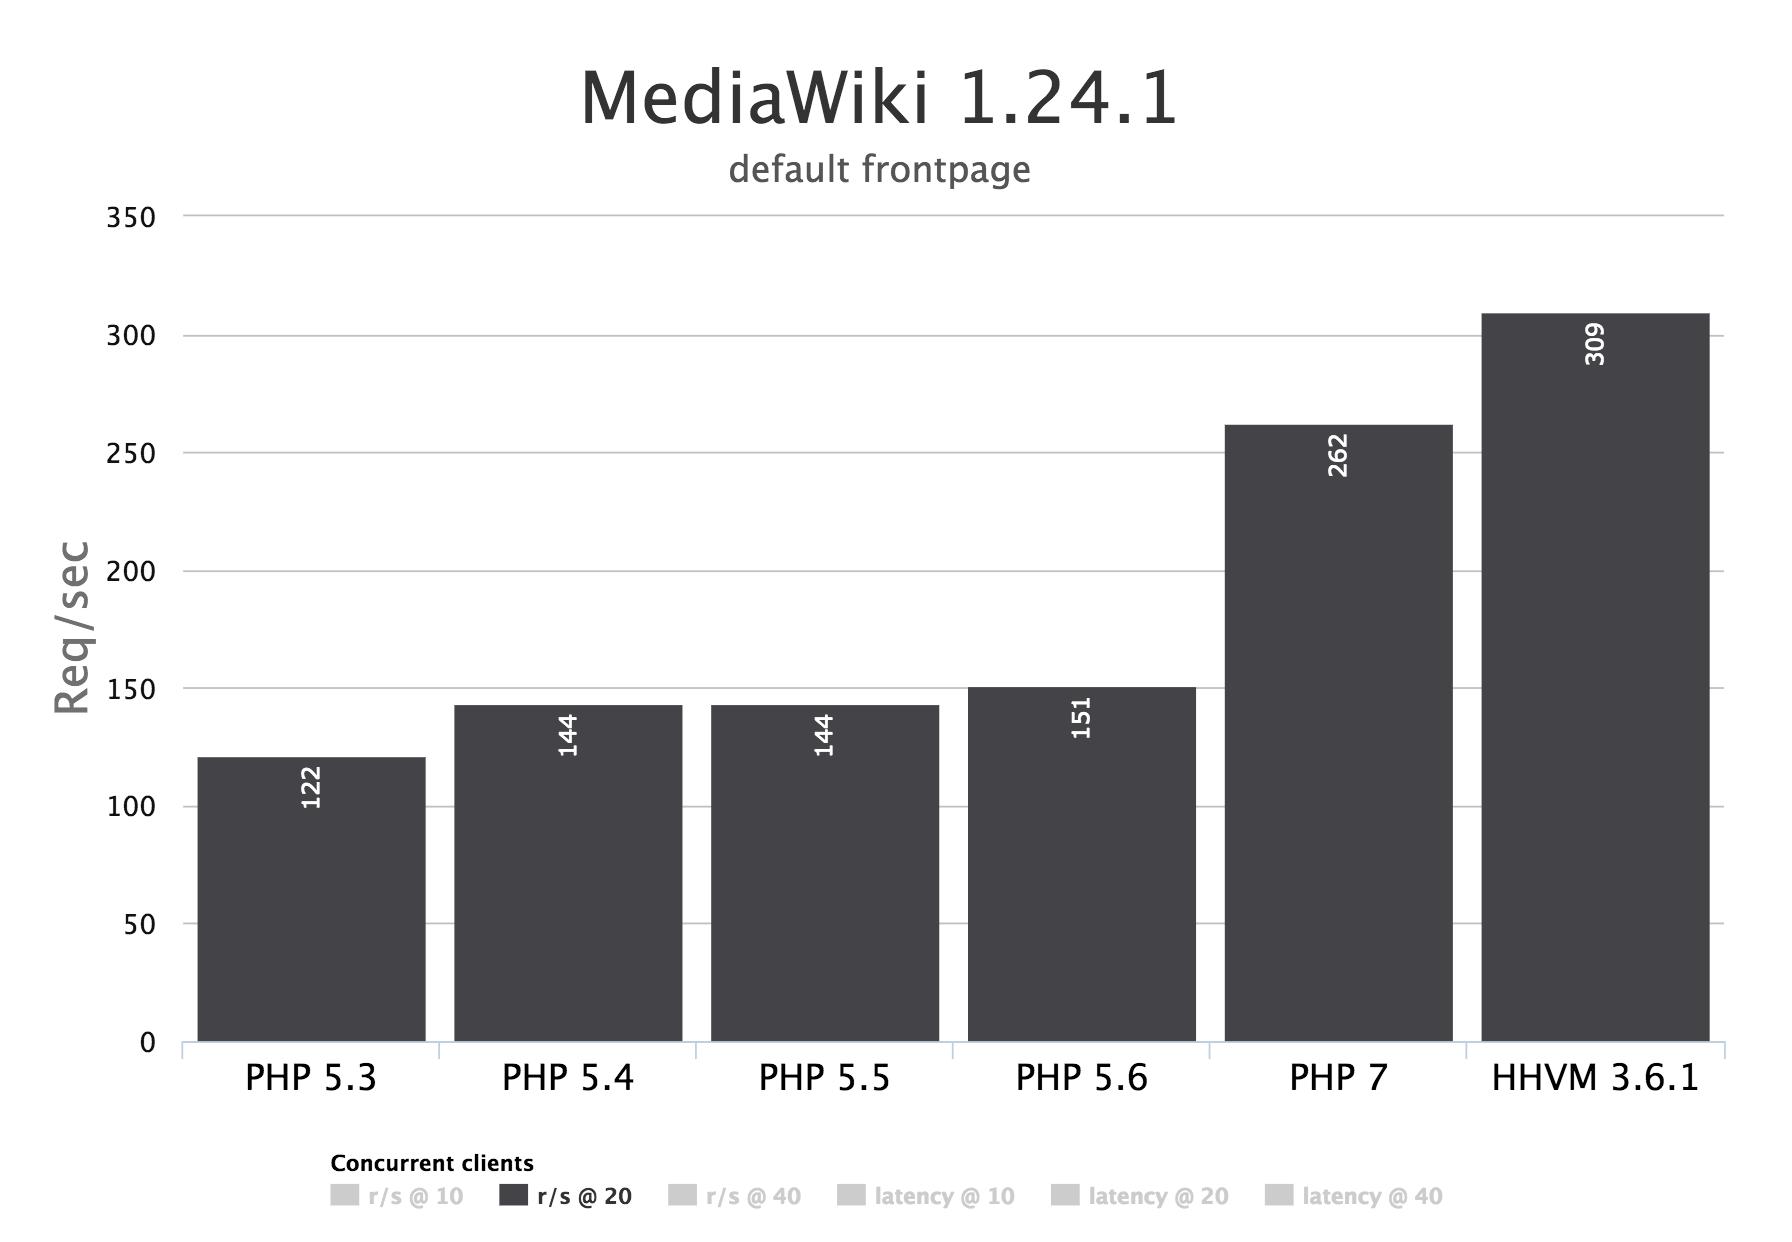 MediaWiki 1.24.1